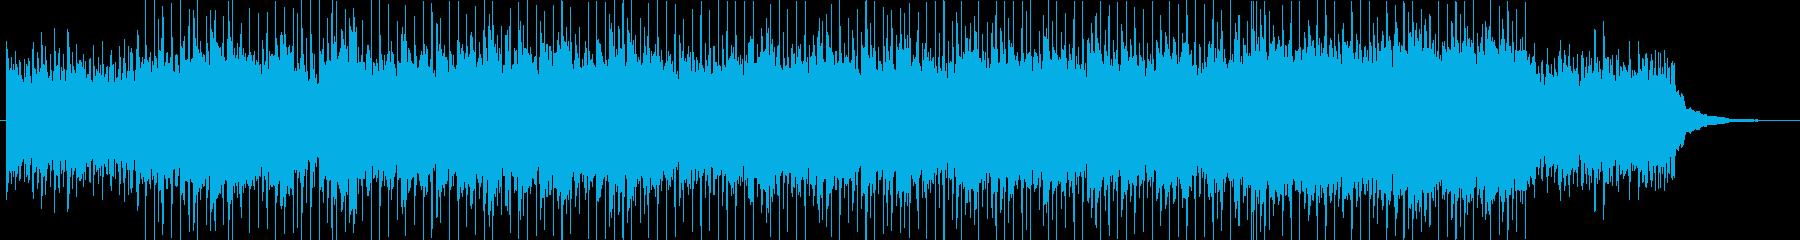 バイオリンが爽やかでポップなBGMの再生済みの波形